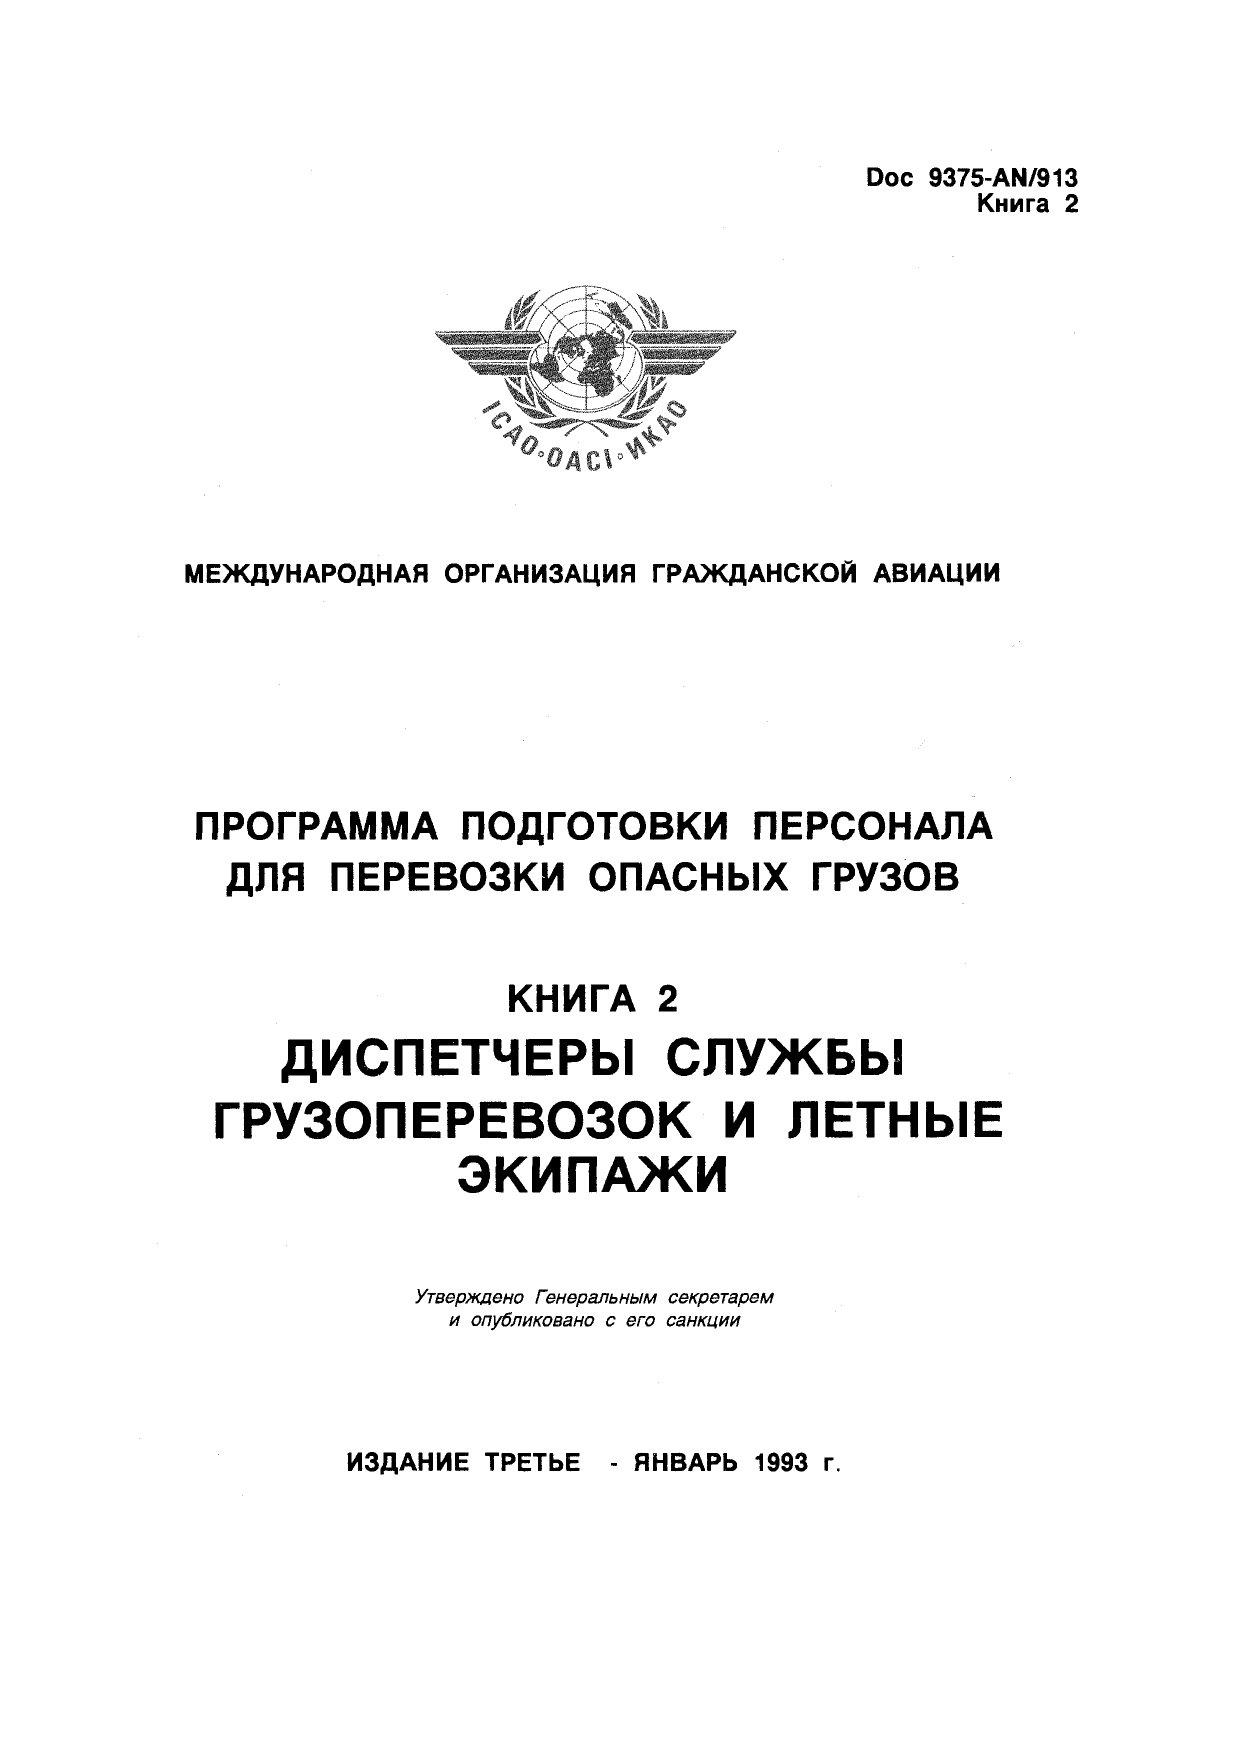 ICAO Doc 9375 Программа подготовки персонала для перевозки опасных грузов. Книга 2. Диспетчеры службы грузоперевозок и летные экипажи.